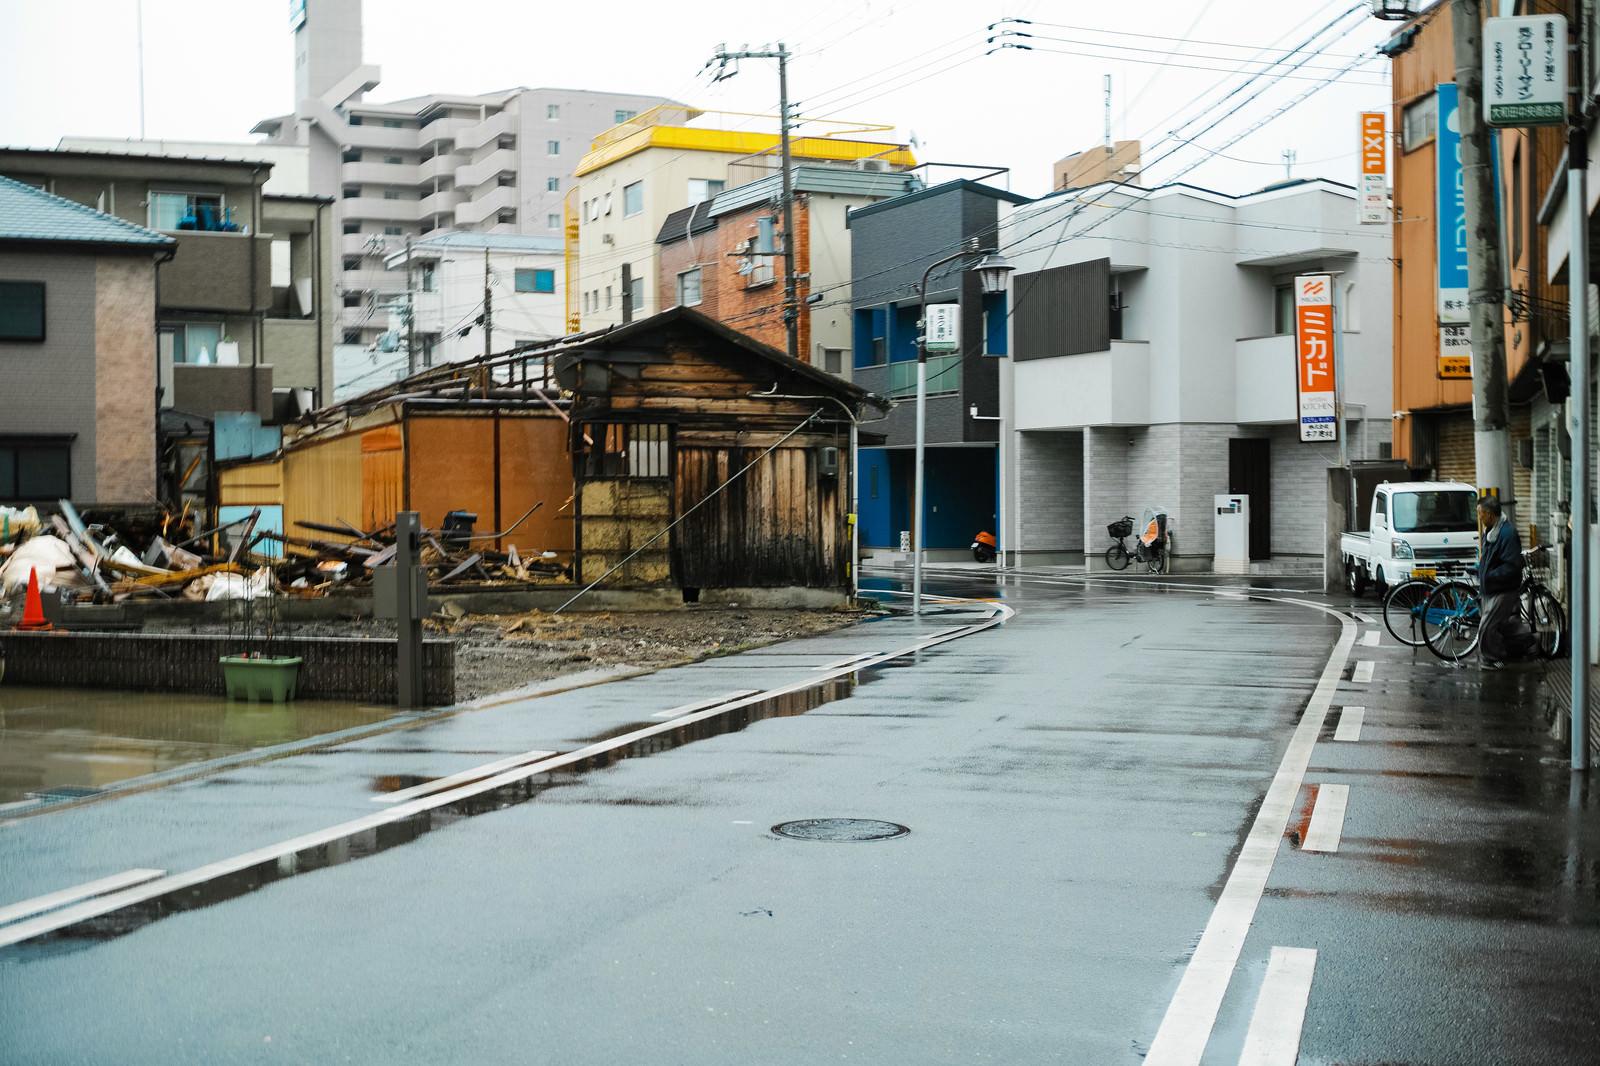 「他人が勝手に建物を破壊する事件が発生したGIGAZINE第一倉庫(大阪市西淀川区大和田4丁目12-10)の様子」の写真